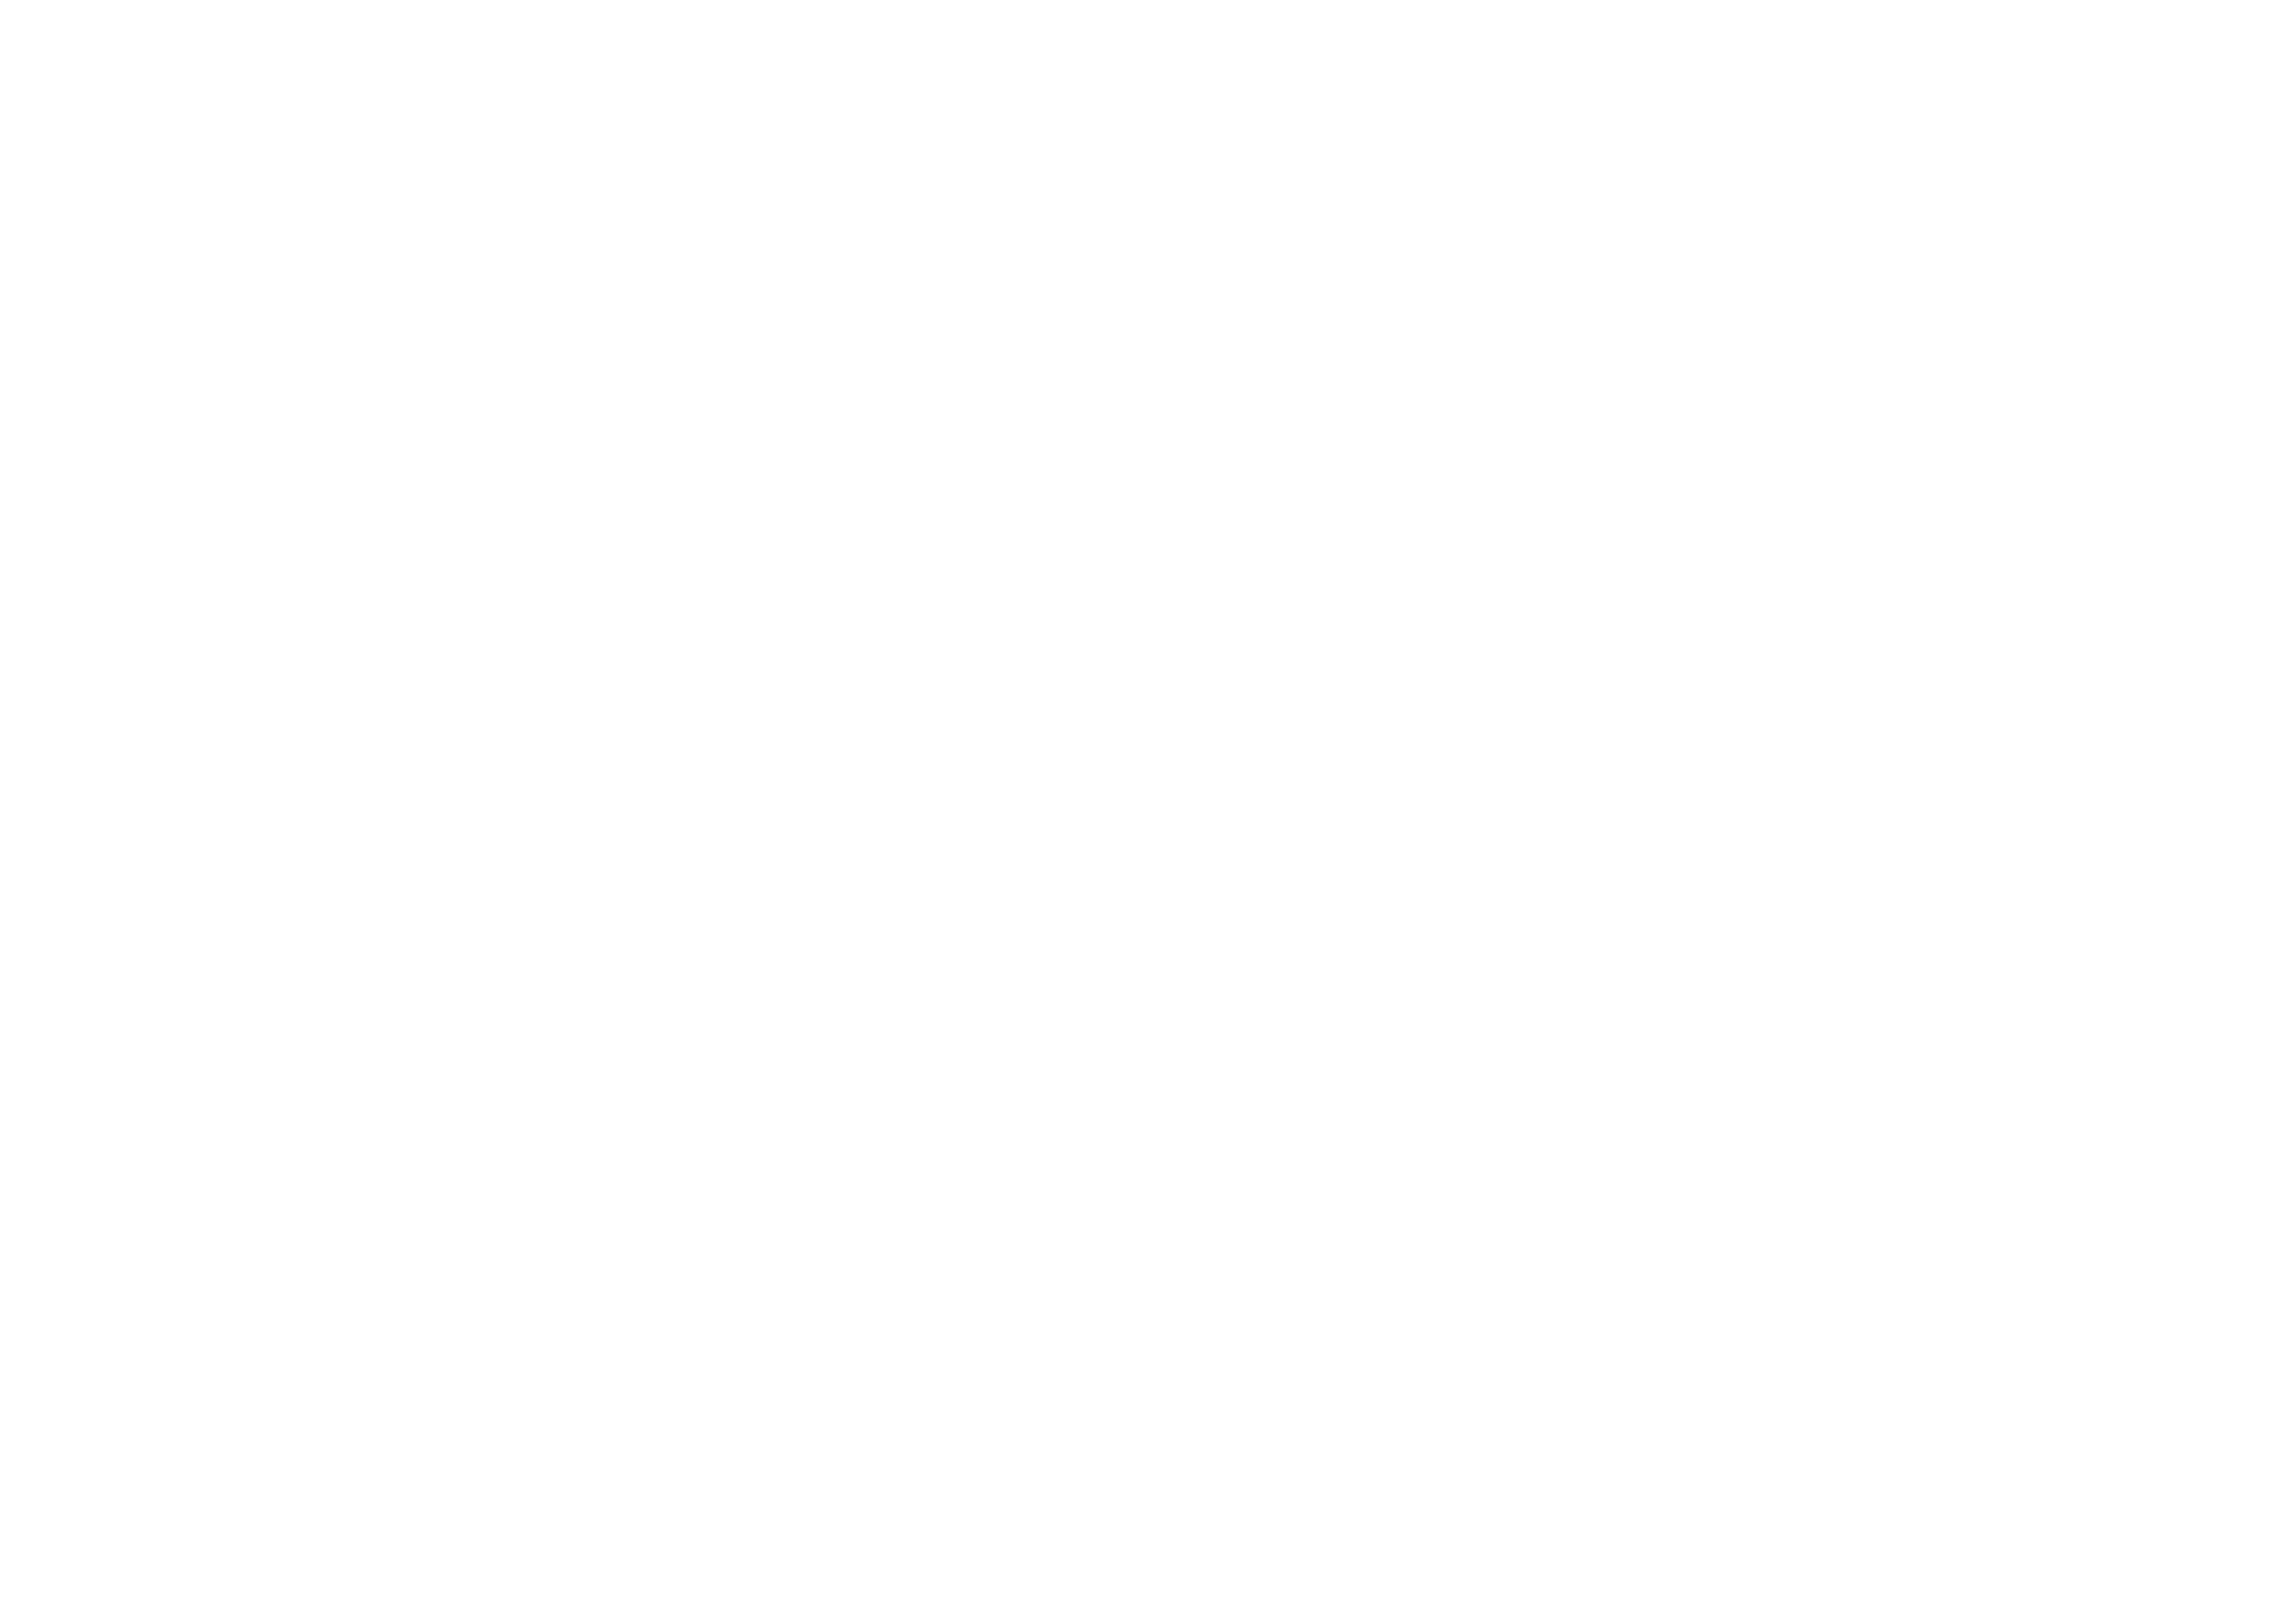 logo tổng kho Nguyễn Nhâm-04